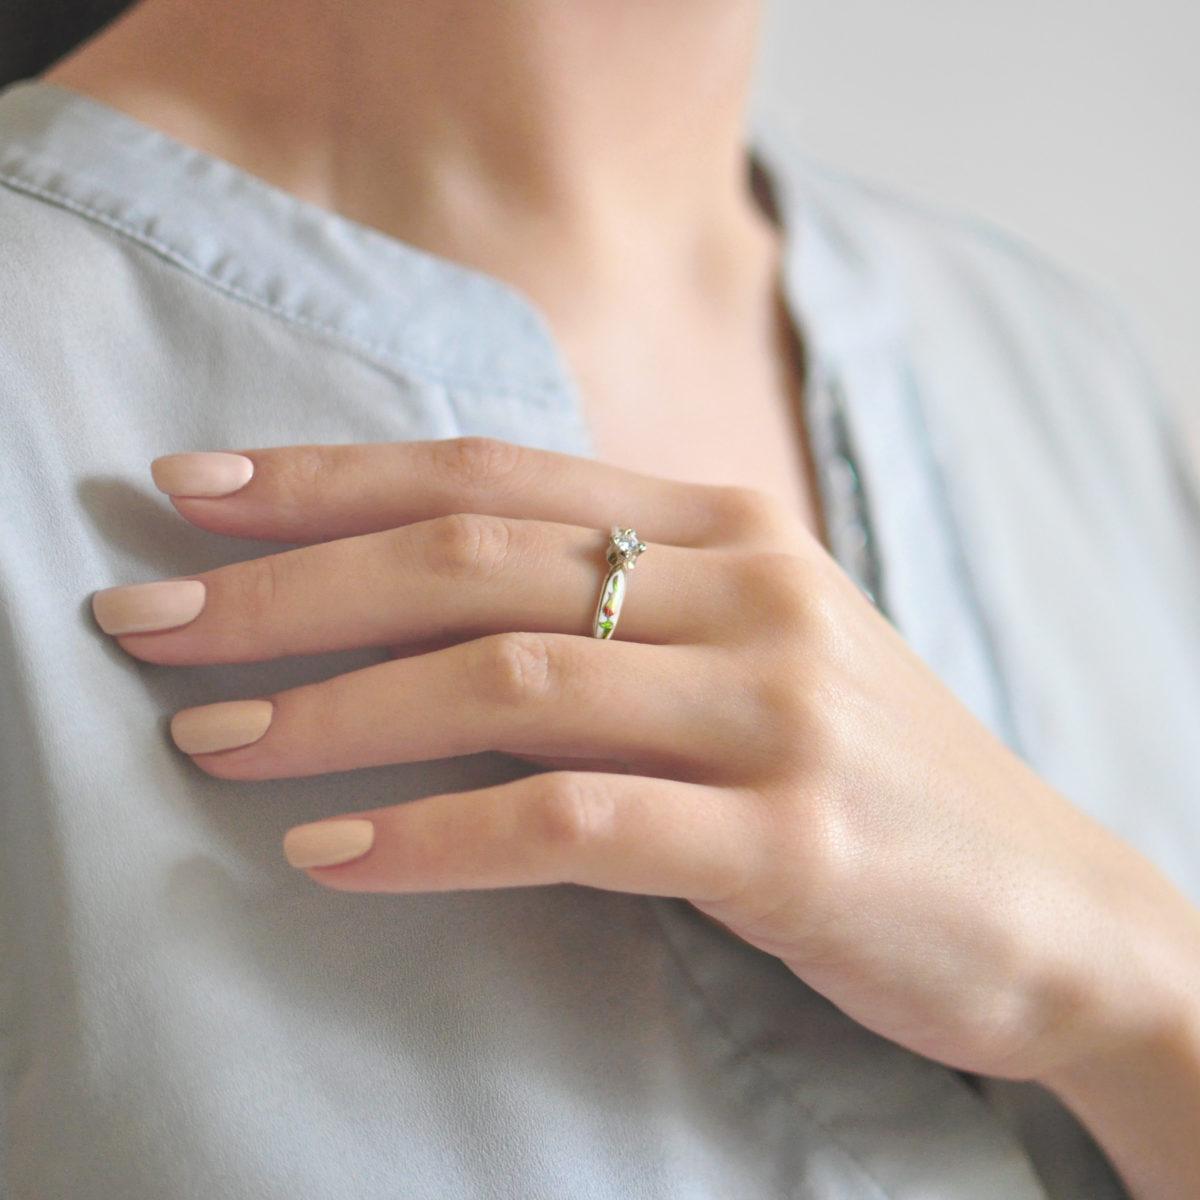 Serebro belaya 1200x1200 - Перстень серебряный «Примавера», белый с фианитами